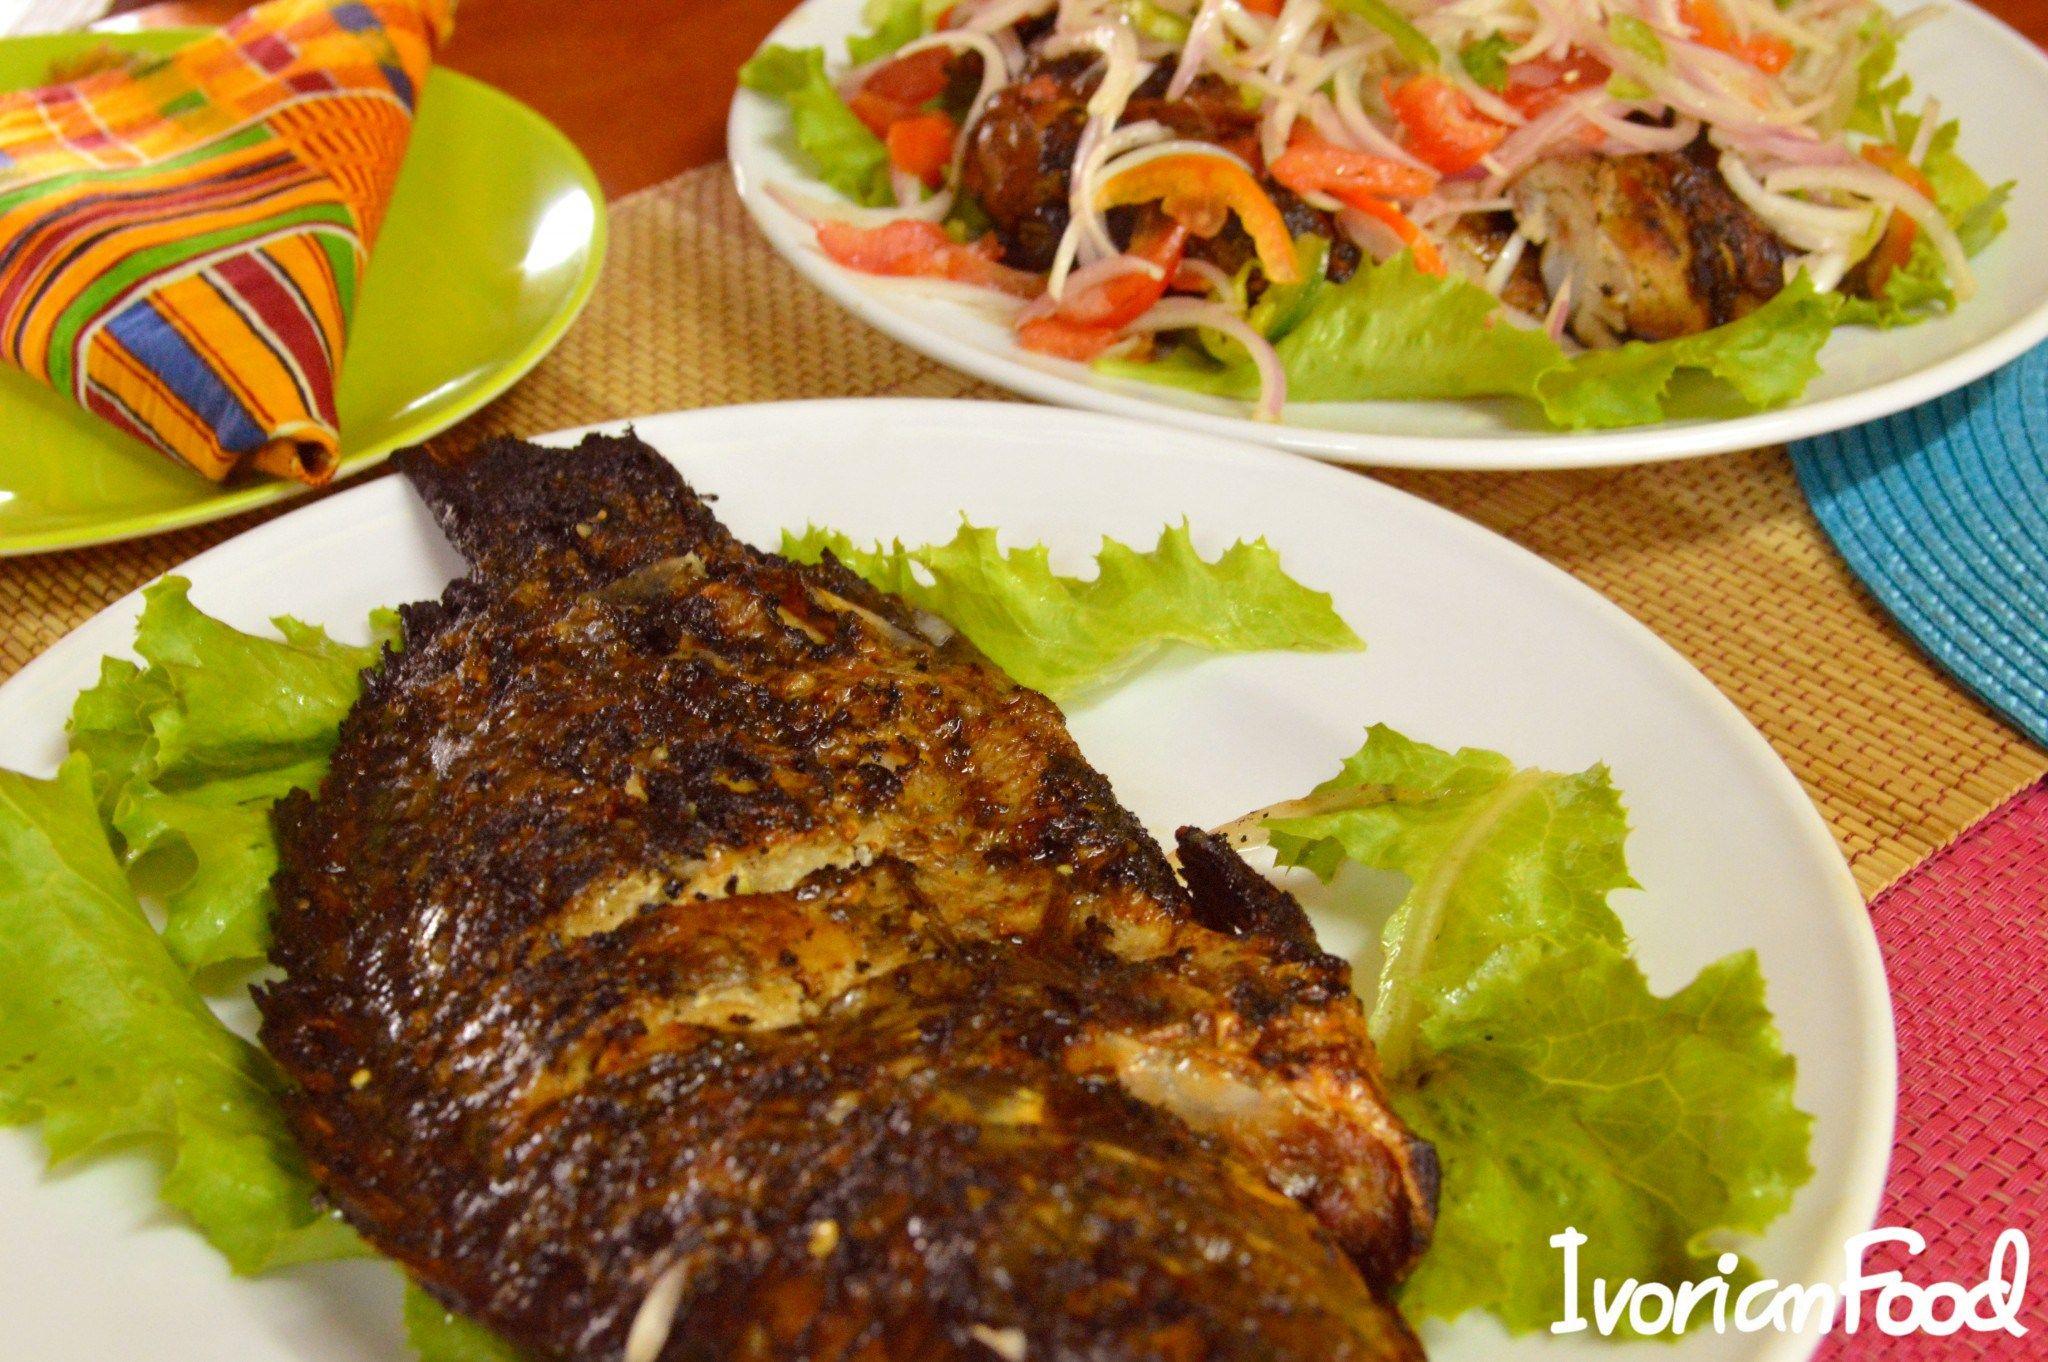 Poisson Braise Afrique Pinterest Poissons Cuisine Africaine